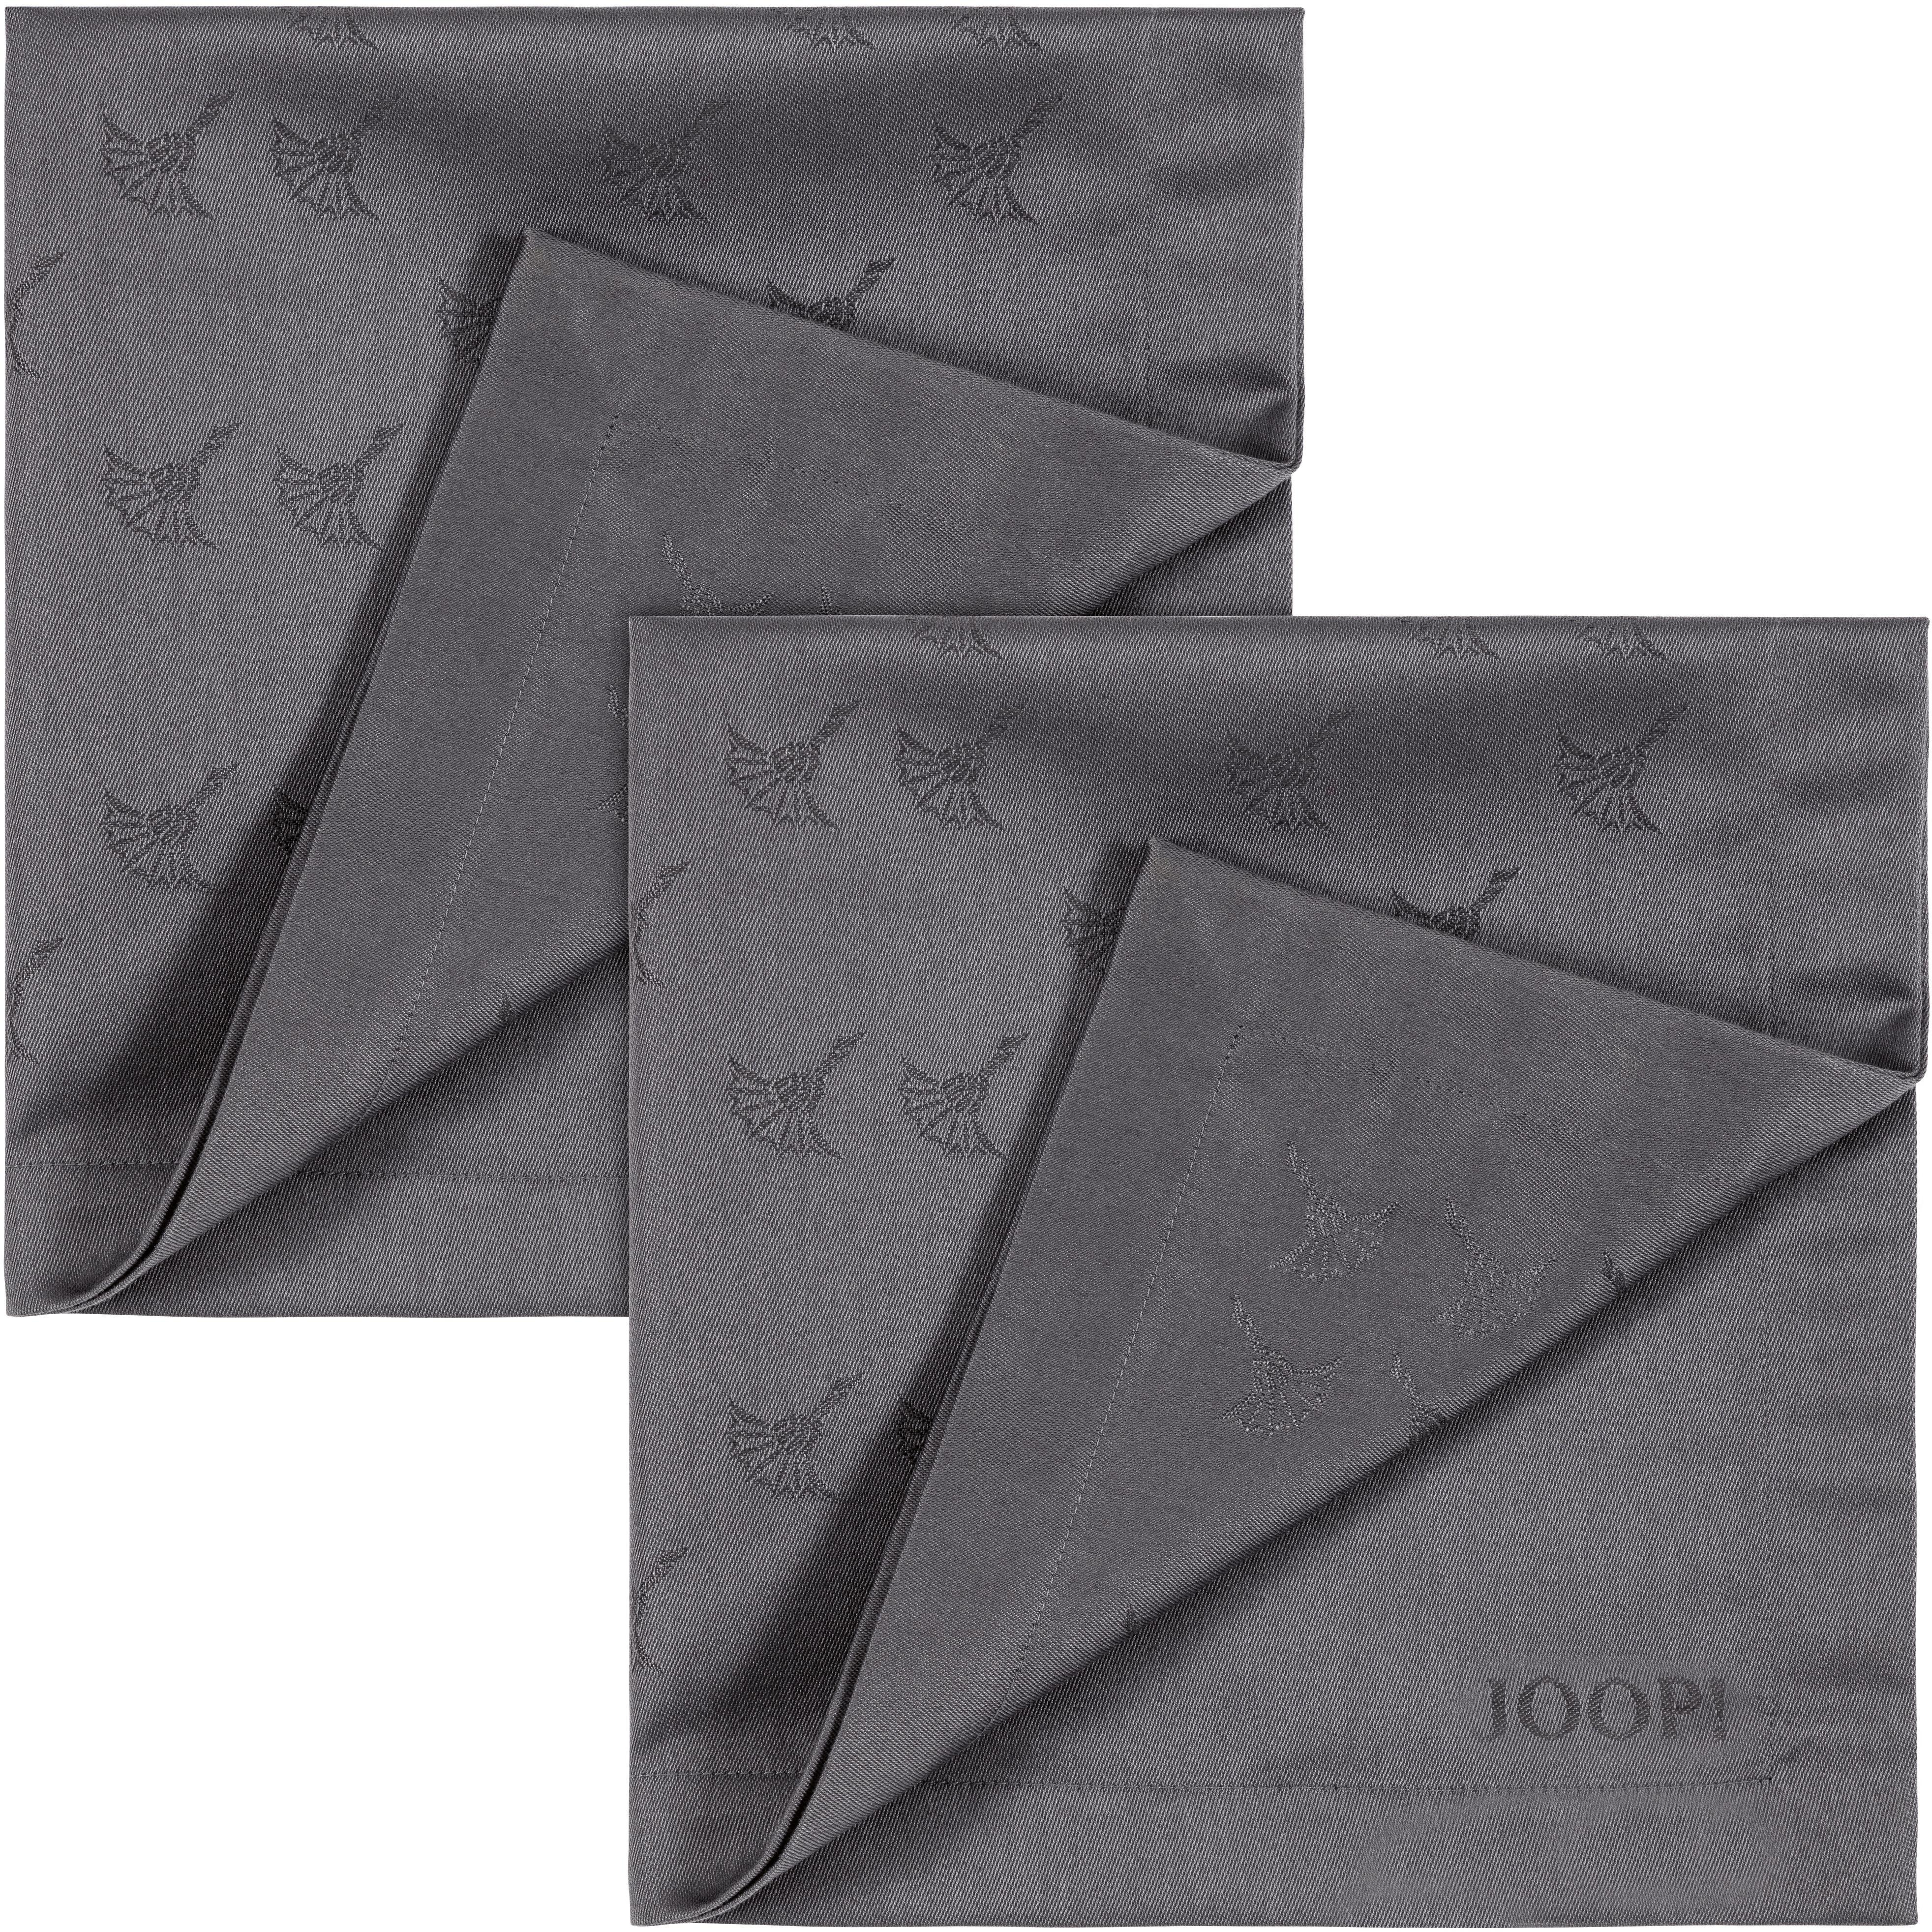 Joop! Joop Stoffserviette FADED CORNFLOWER, (Set, 2 St.), Aus Jacquard-Gewebe gerfertigt mit Kornblumen-Verlauf grau Stoffservietten Tischwäsche